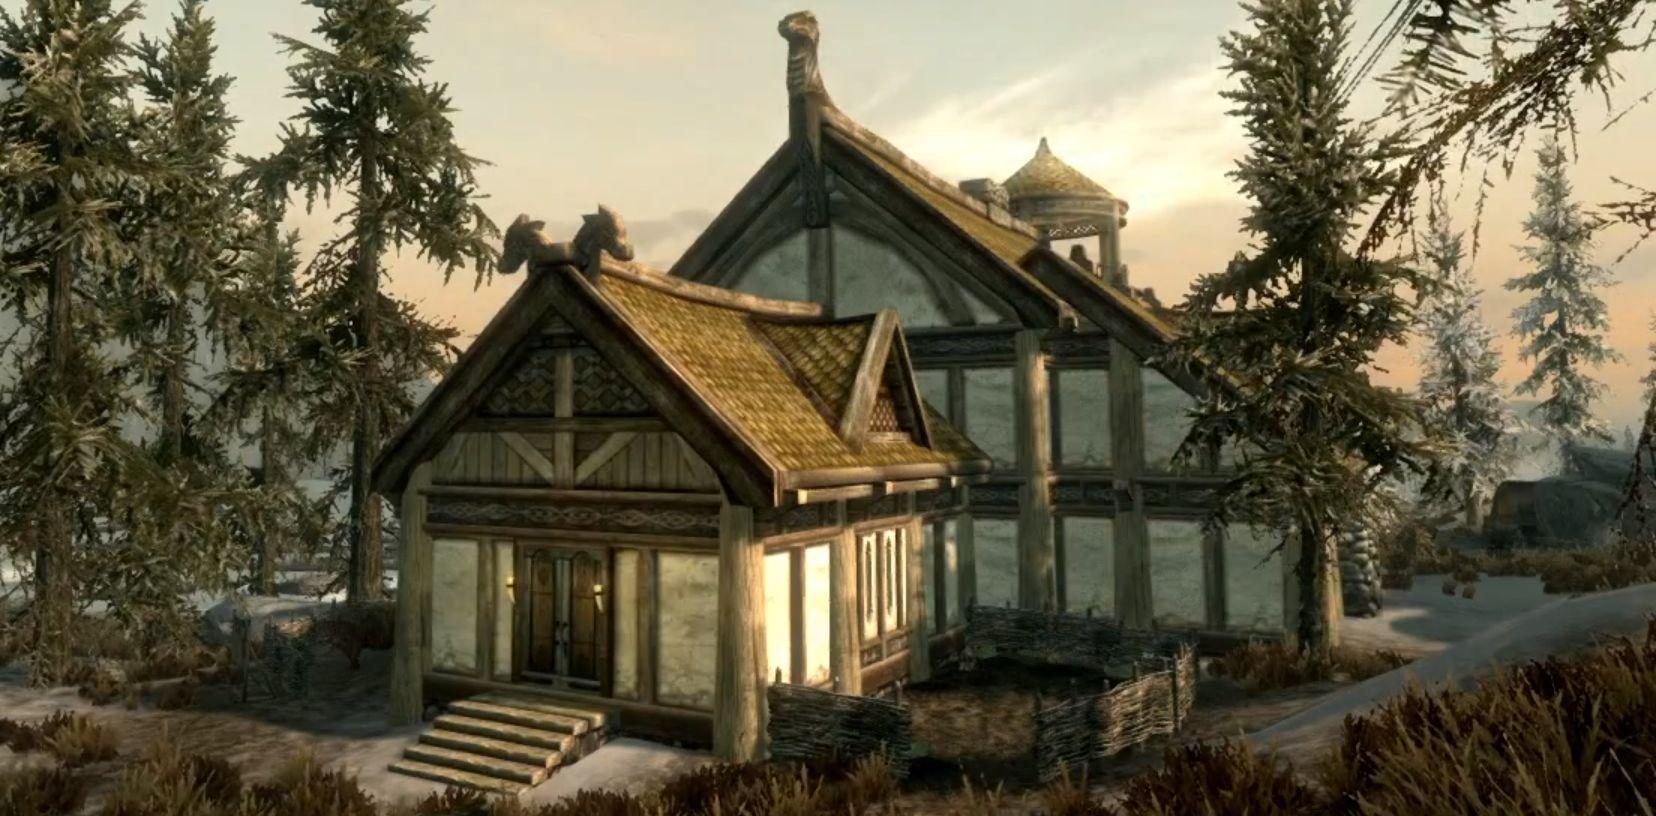 Skyrim ps3 how to buy house in riften